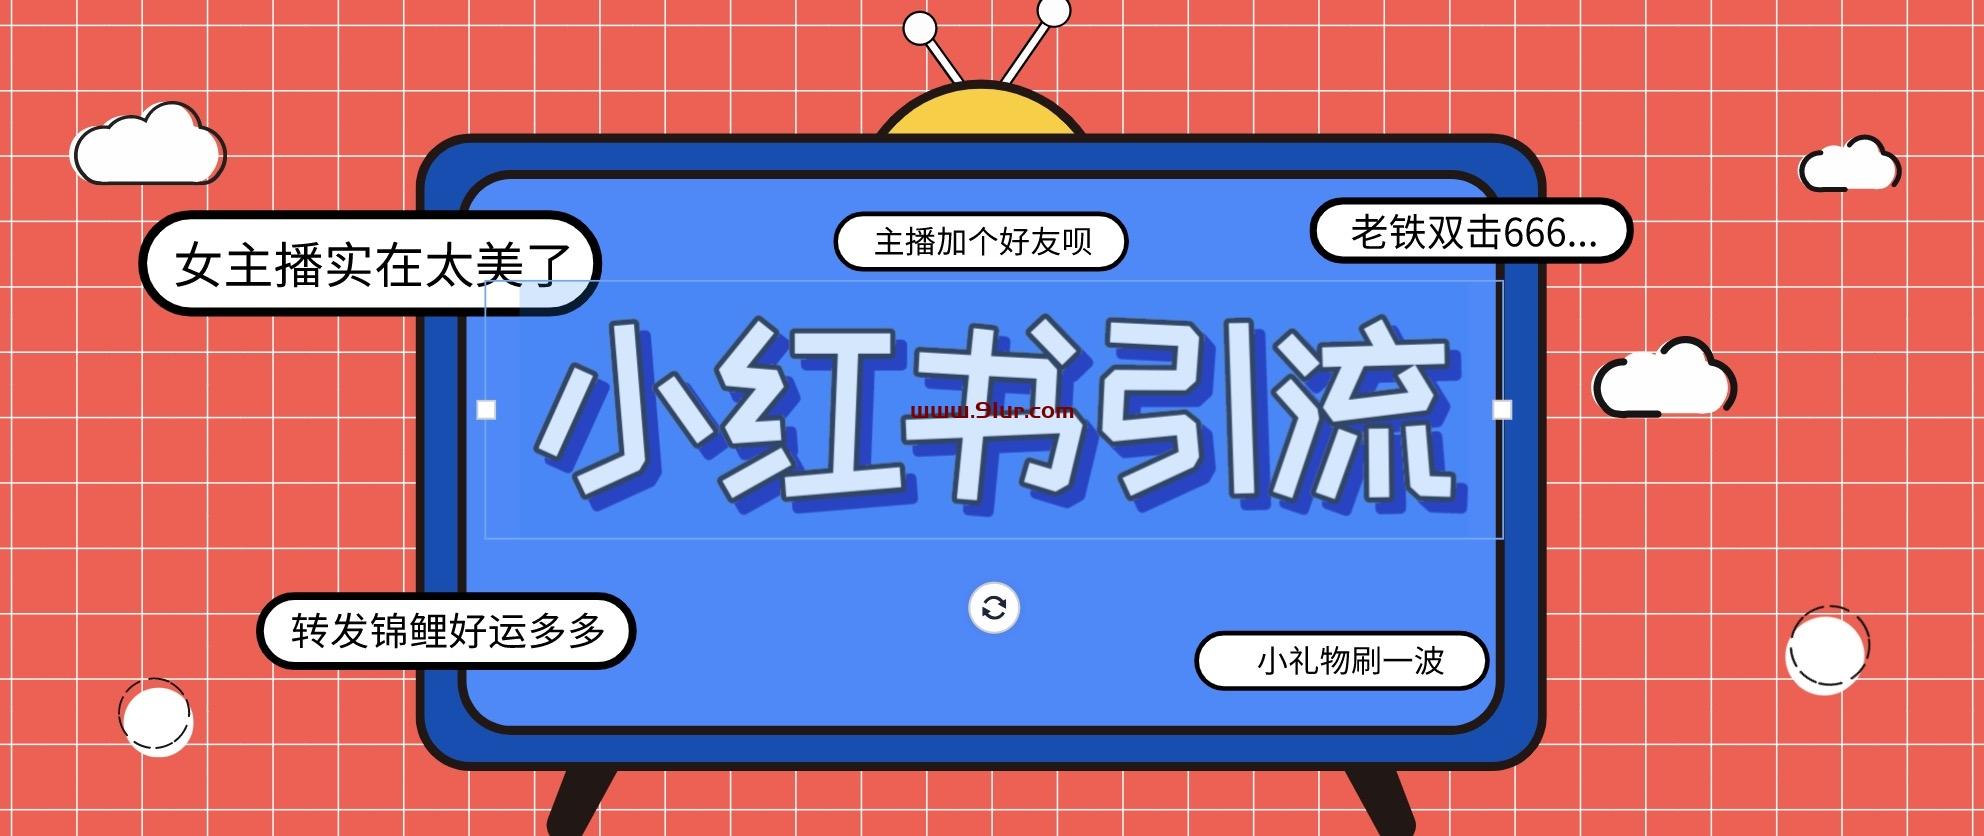 引流课程#小红书爆款推广引流训练课4.0